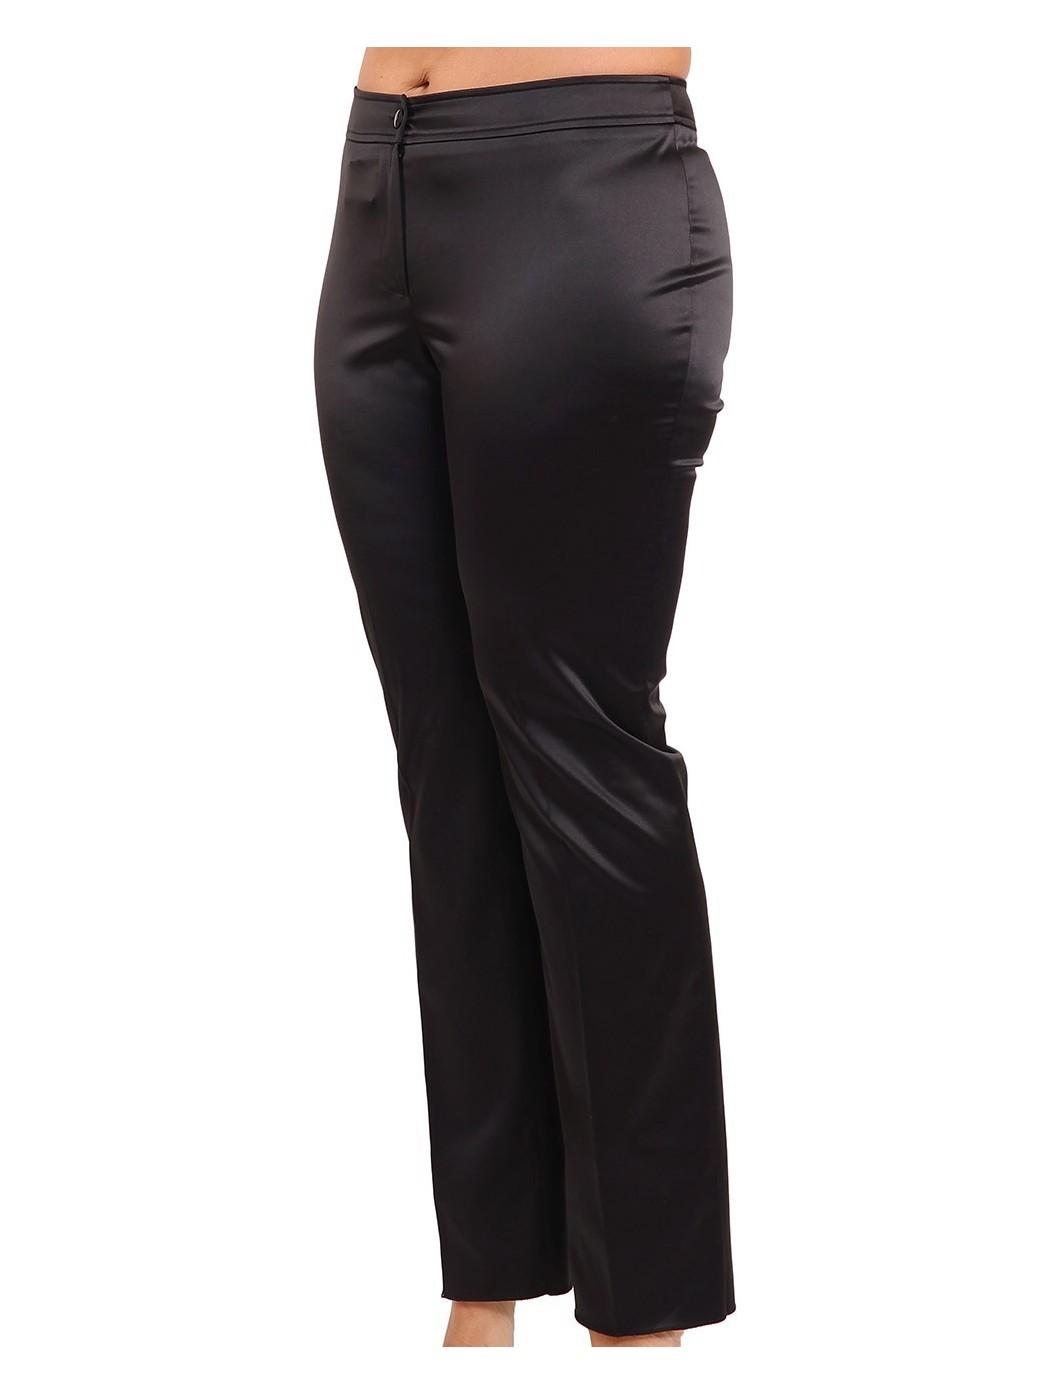 Pour le pantalon de satin noir vente 71dd1461c146